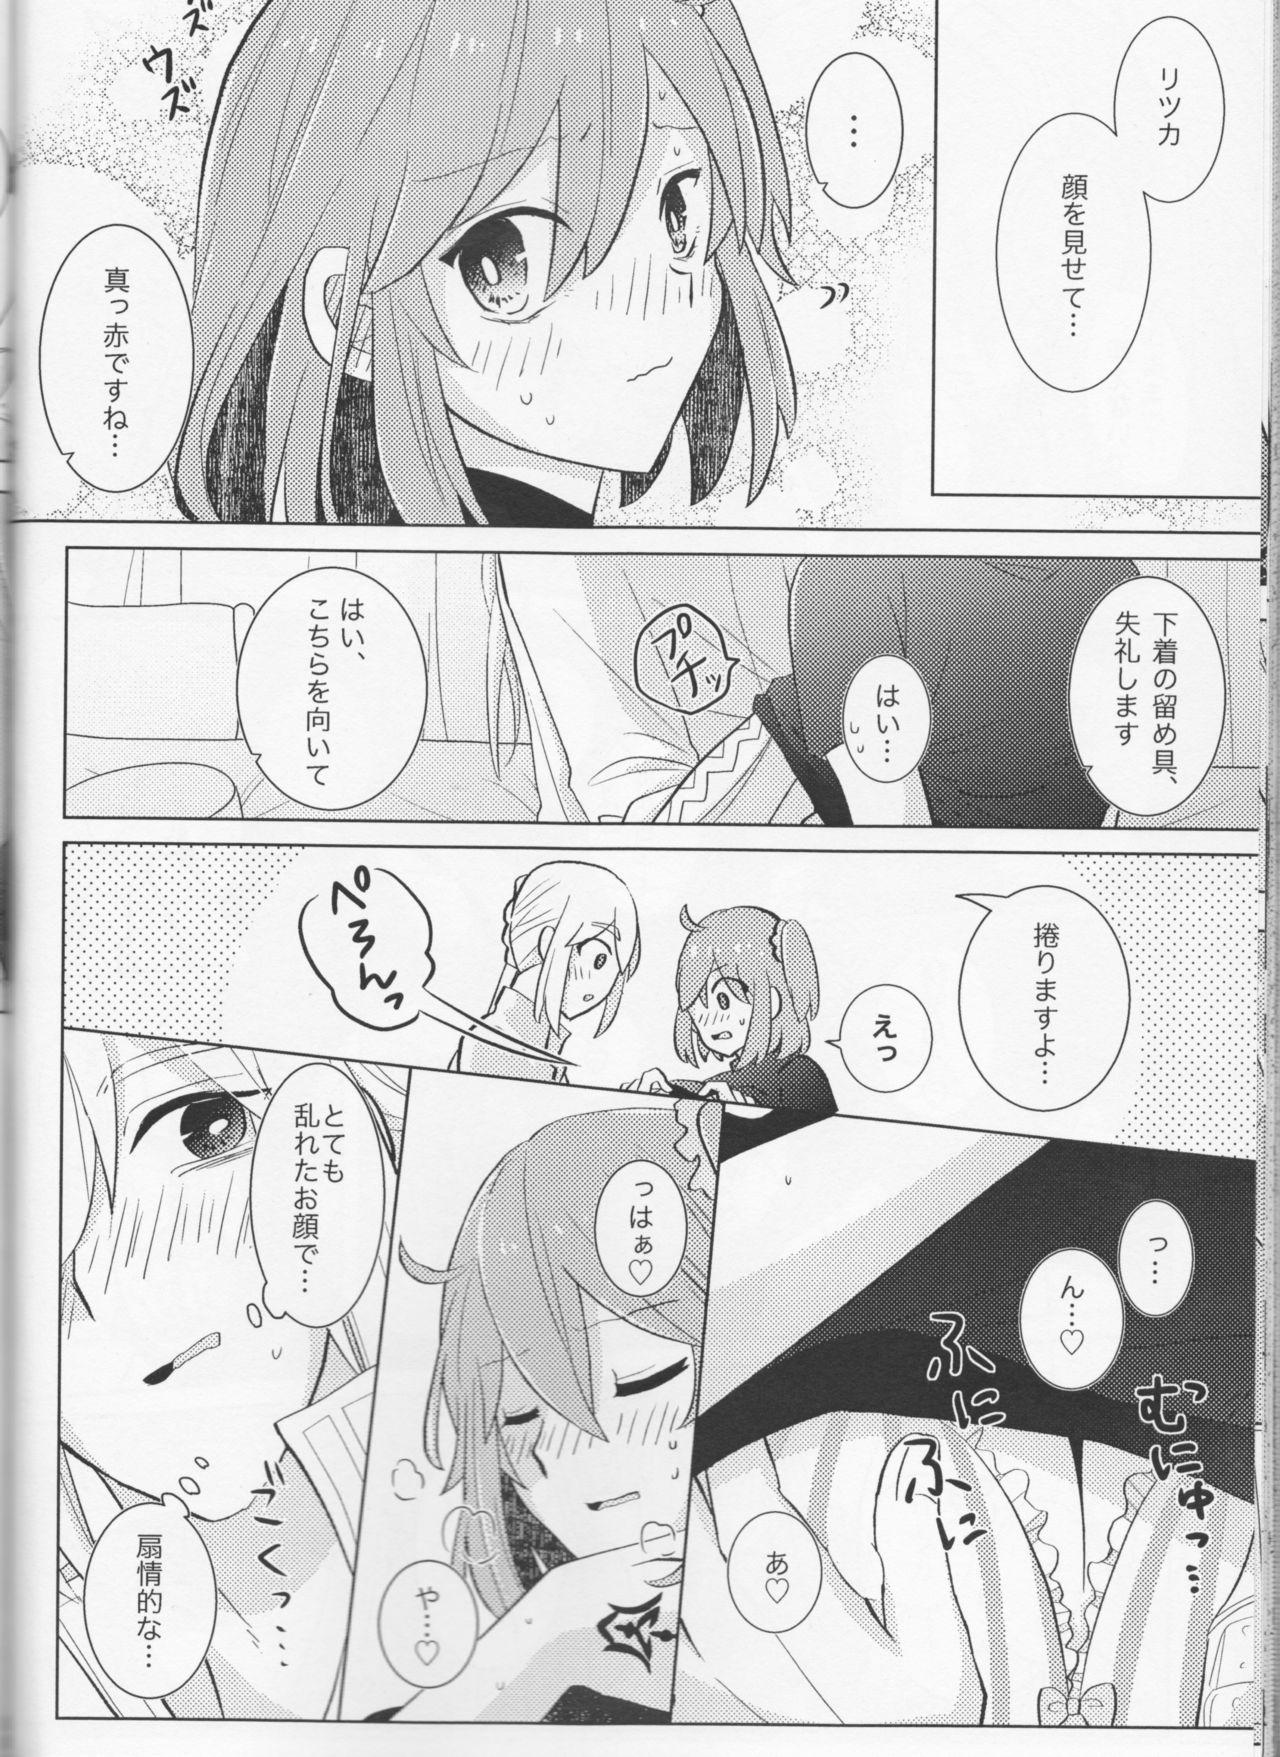 Kirakira Koboreru, Kimi to no Waidan 37